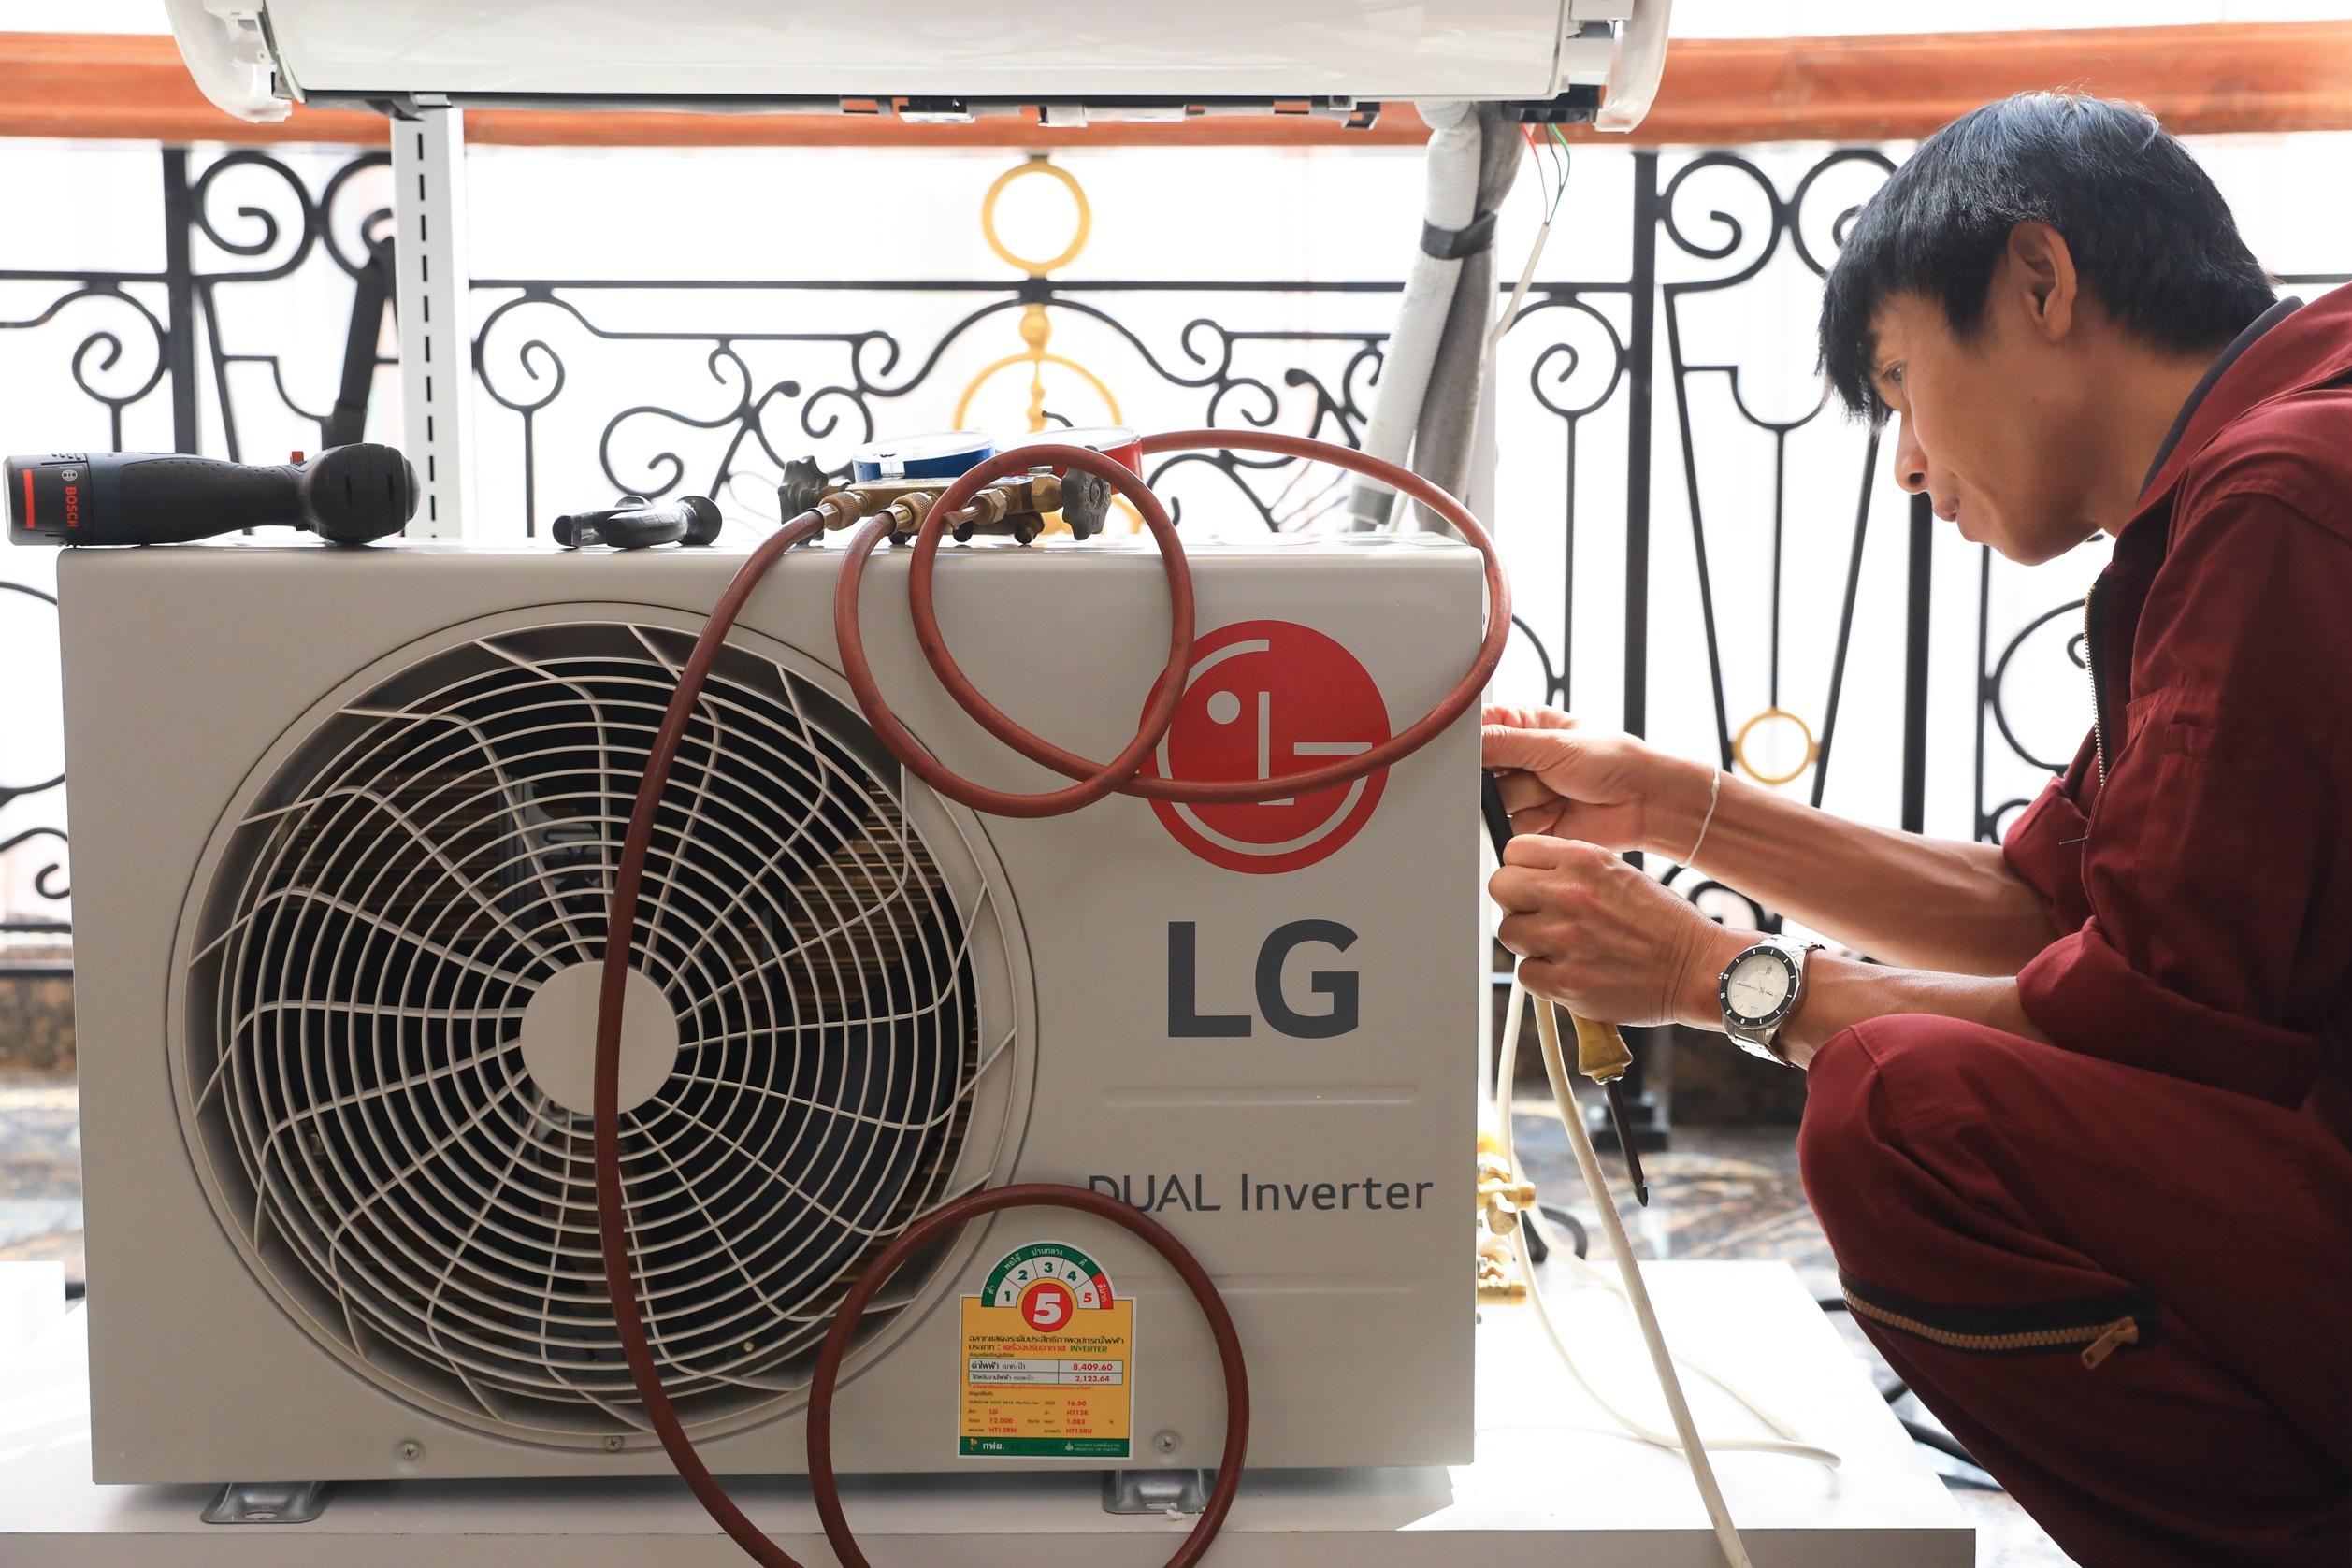 แอลจีบรรเทาทุกข์ชาวอีสาน ตรวจสอบและซ่อมเครื่องใช้ไฟฟ้าฟรีพร้อมส่วนลดค่าอะไหล่